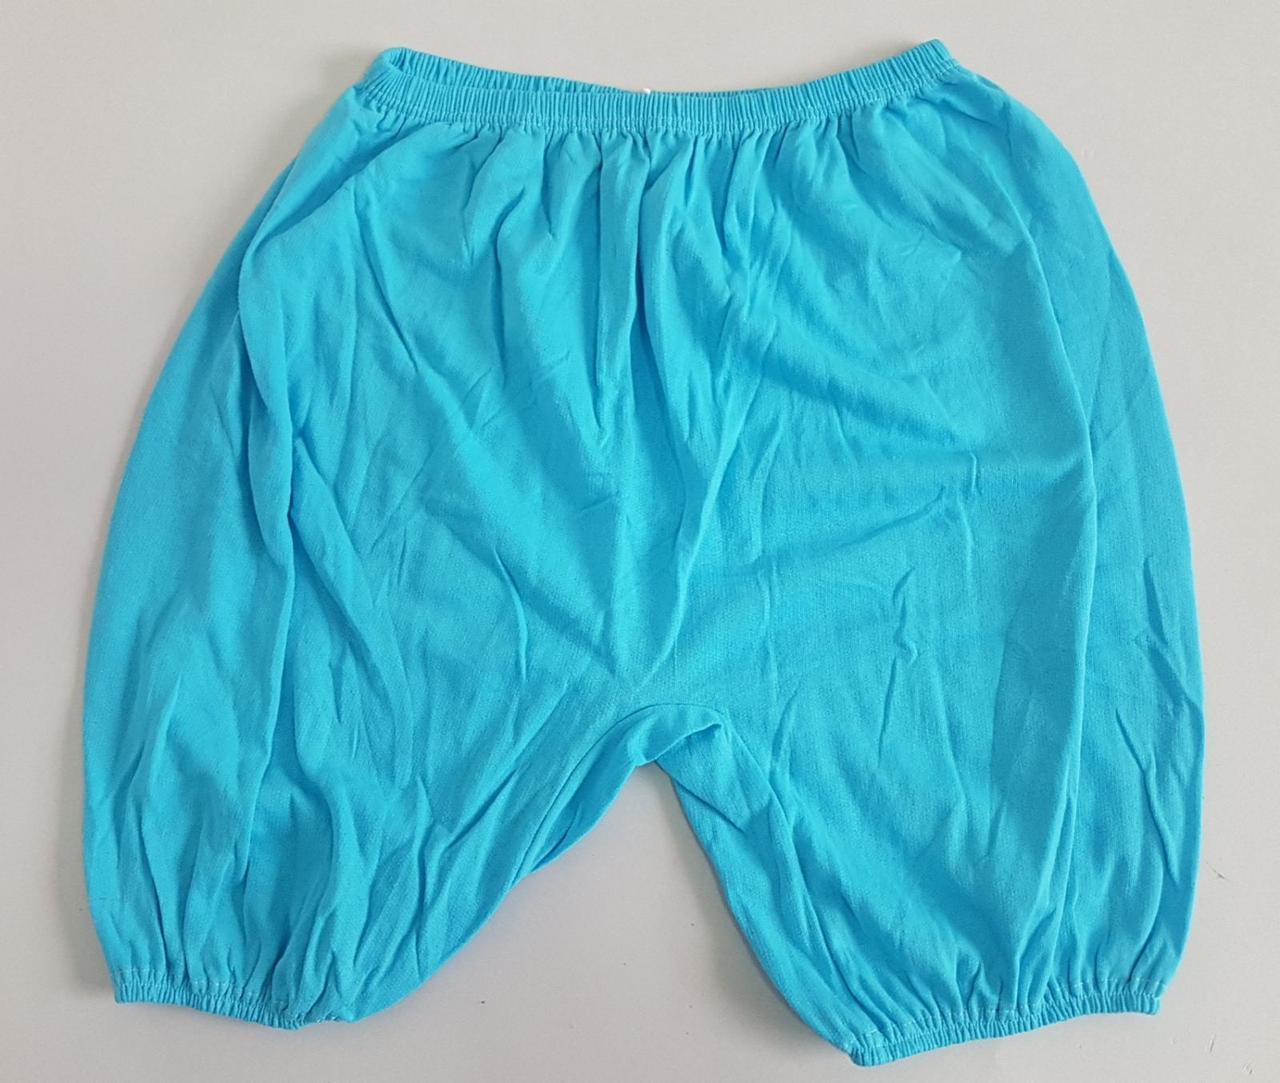 Утепленные женские панталоны большого размера на резинке ( 6 шт )